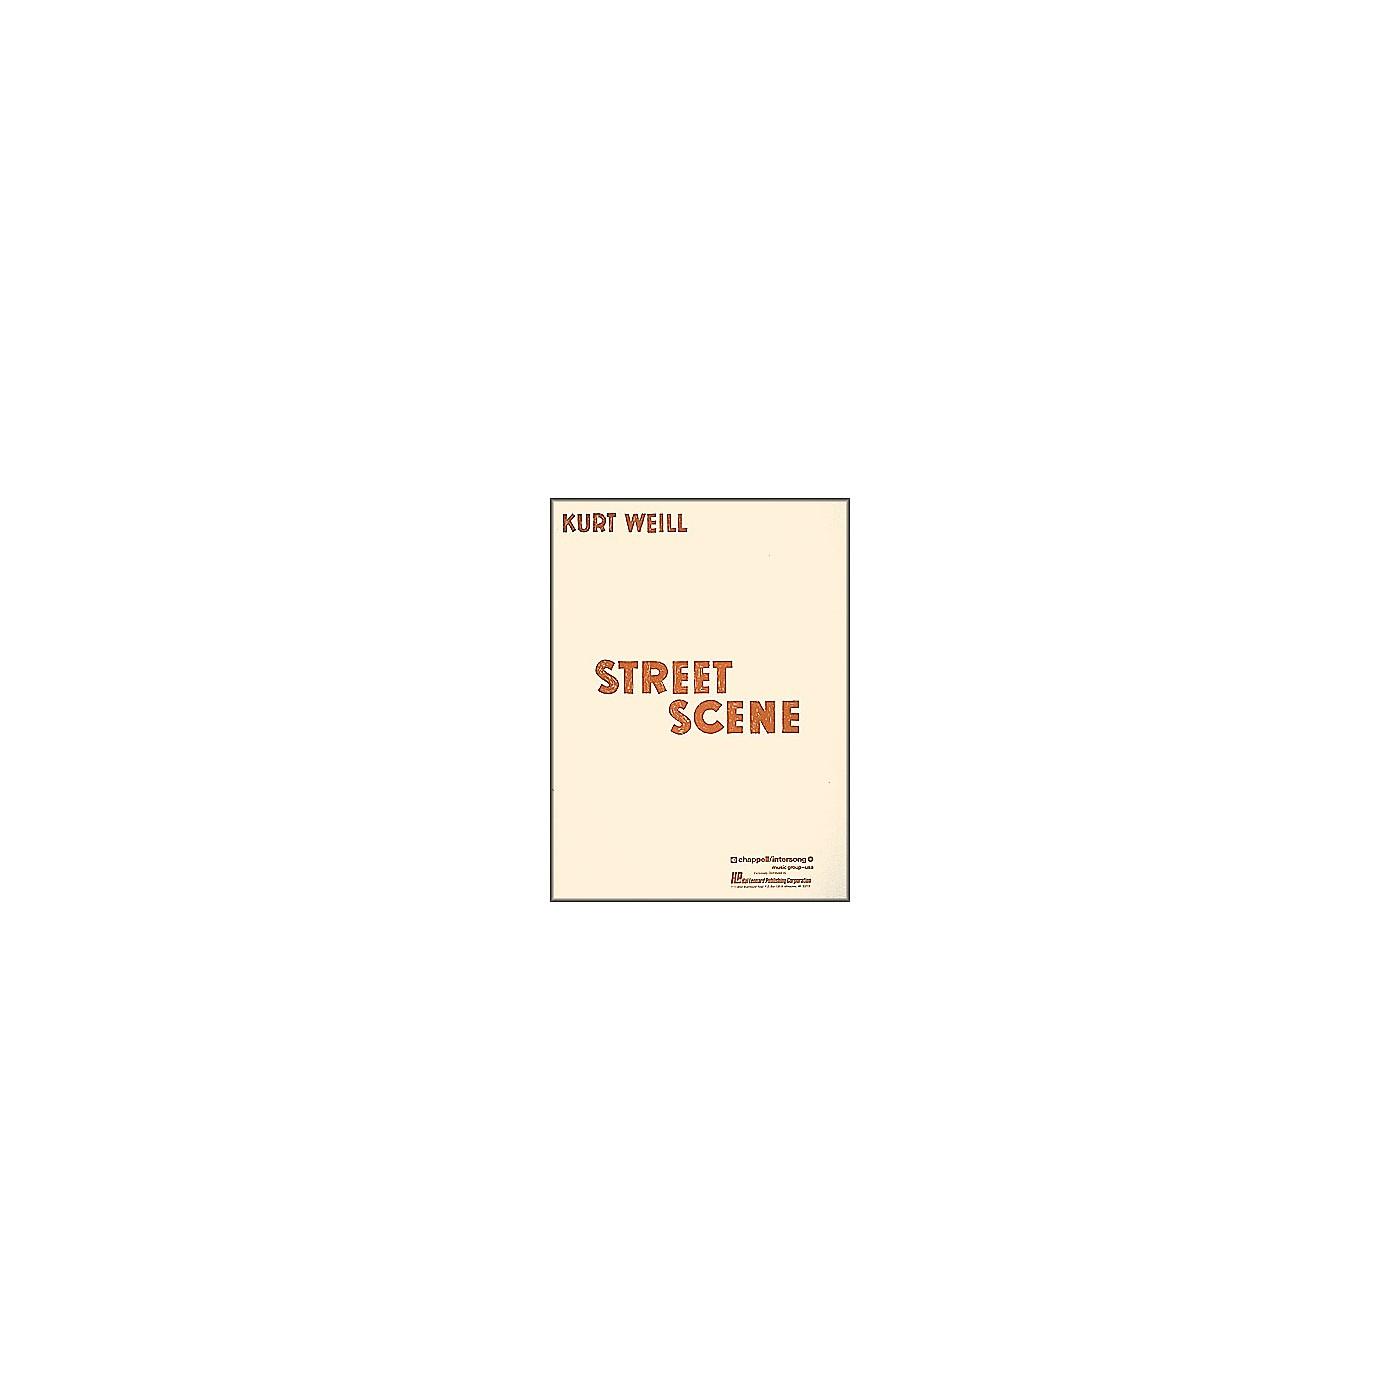 Hal Leonard Street Scene Vocal Score thumbnail